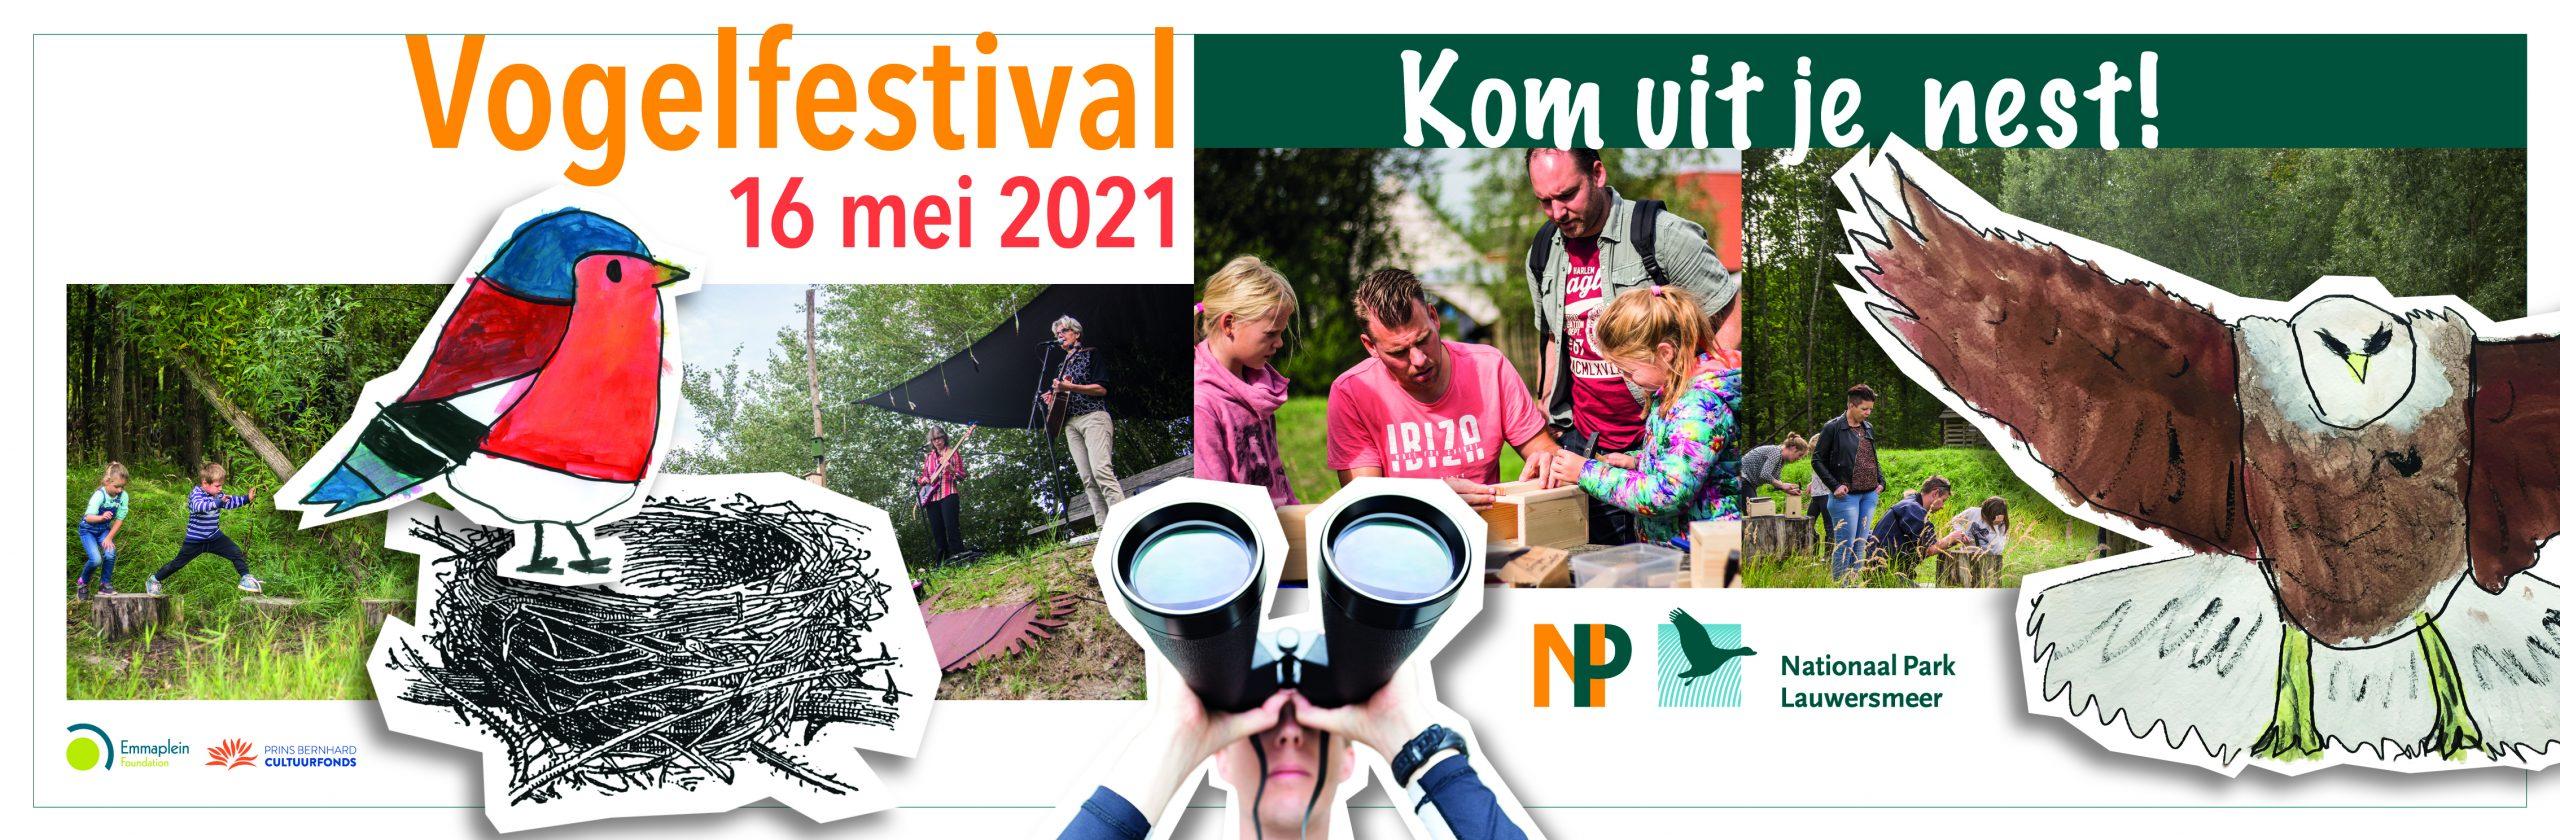 Banner Vogelfestival 2021